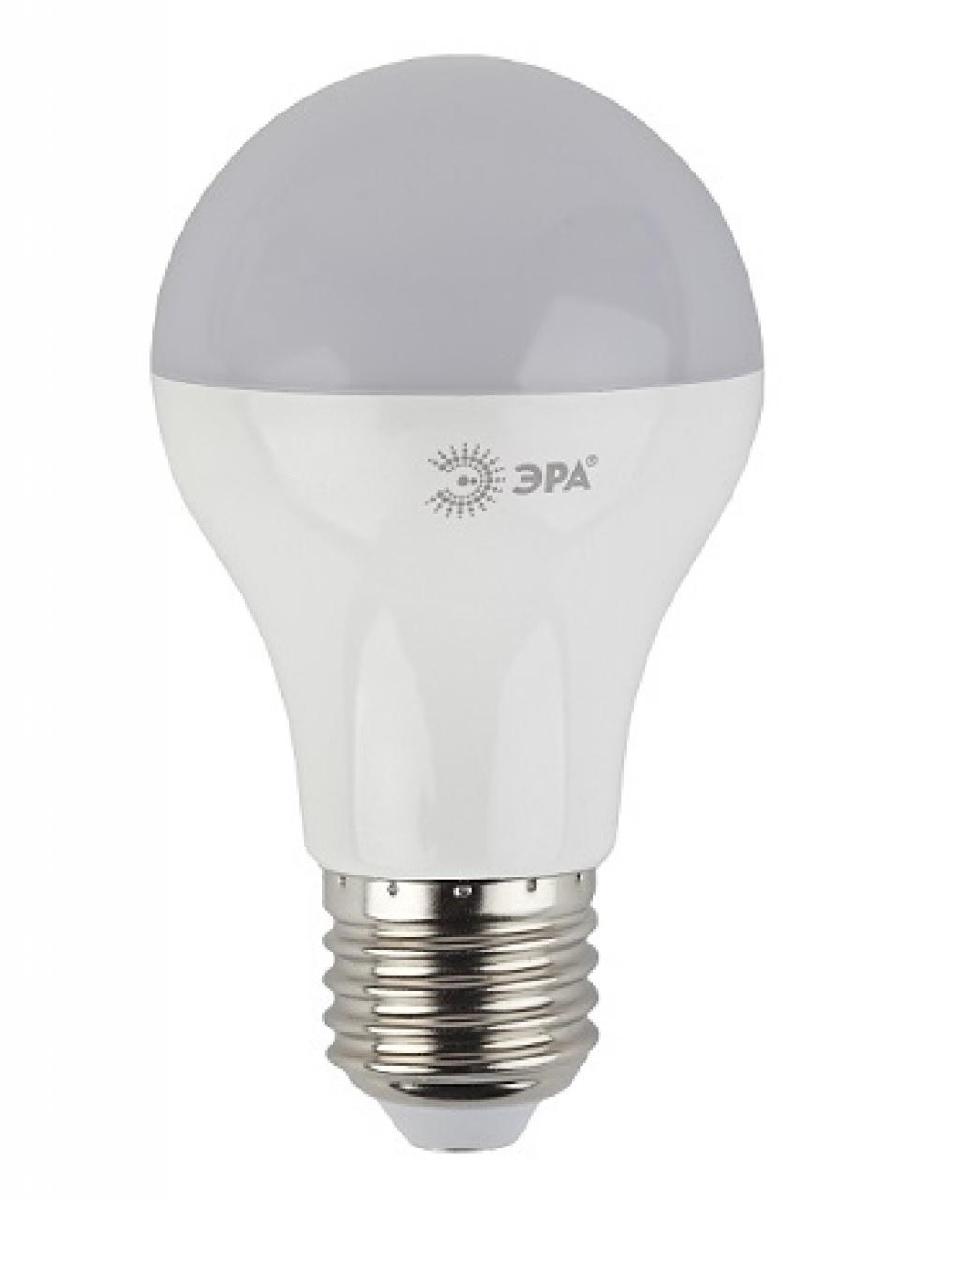 Лампа светодиодная ЭРА, цоколь E27, 170-265V, 13W, 2700К5055945518467Светодиодная лампа ЭРА является самым перспективным источником света. Основным преимуществом данного источника света является длительный срок службы и очень низкое энергопотребление, так, например, по сравнению с обычной лампой накаливания светодиодная лампа служит в среднем в 50 раз дольше и потребляет в 10-15 раз меньше электроэнергии. При этом светодиодная лампа практически не подвержена механическому воздействию из-за прочной конструкции и позволяет получить любой цвет светового потока, что, несомненно, расширяет возможности применения и позволяет создавать новые решения в области освещения.Особенности серии A60:Лампочки лучшие в соотношении цена-качествоПредставлена широкая линейка, наличие всех типов цоколей ламп бытового сегментаСветовая отдача - 90-100 лм/ВтГарантия - 2 годаСовместимы с выключателями с подсветкой.